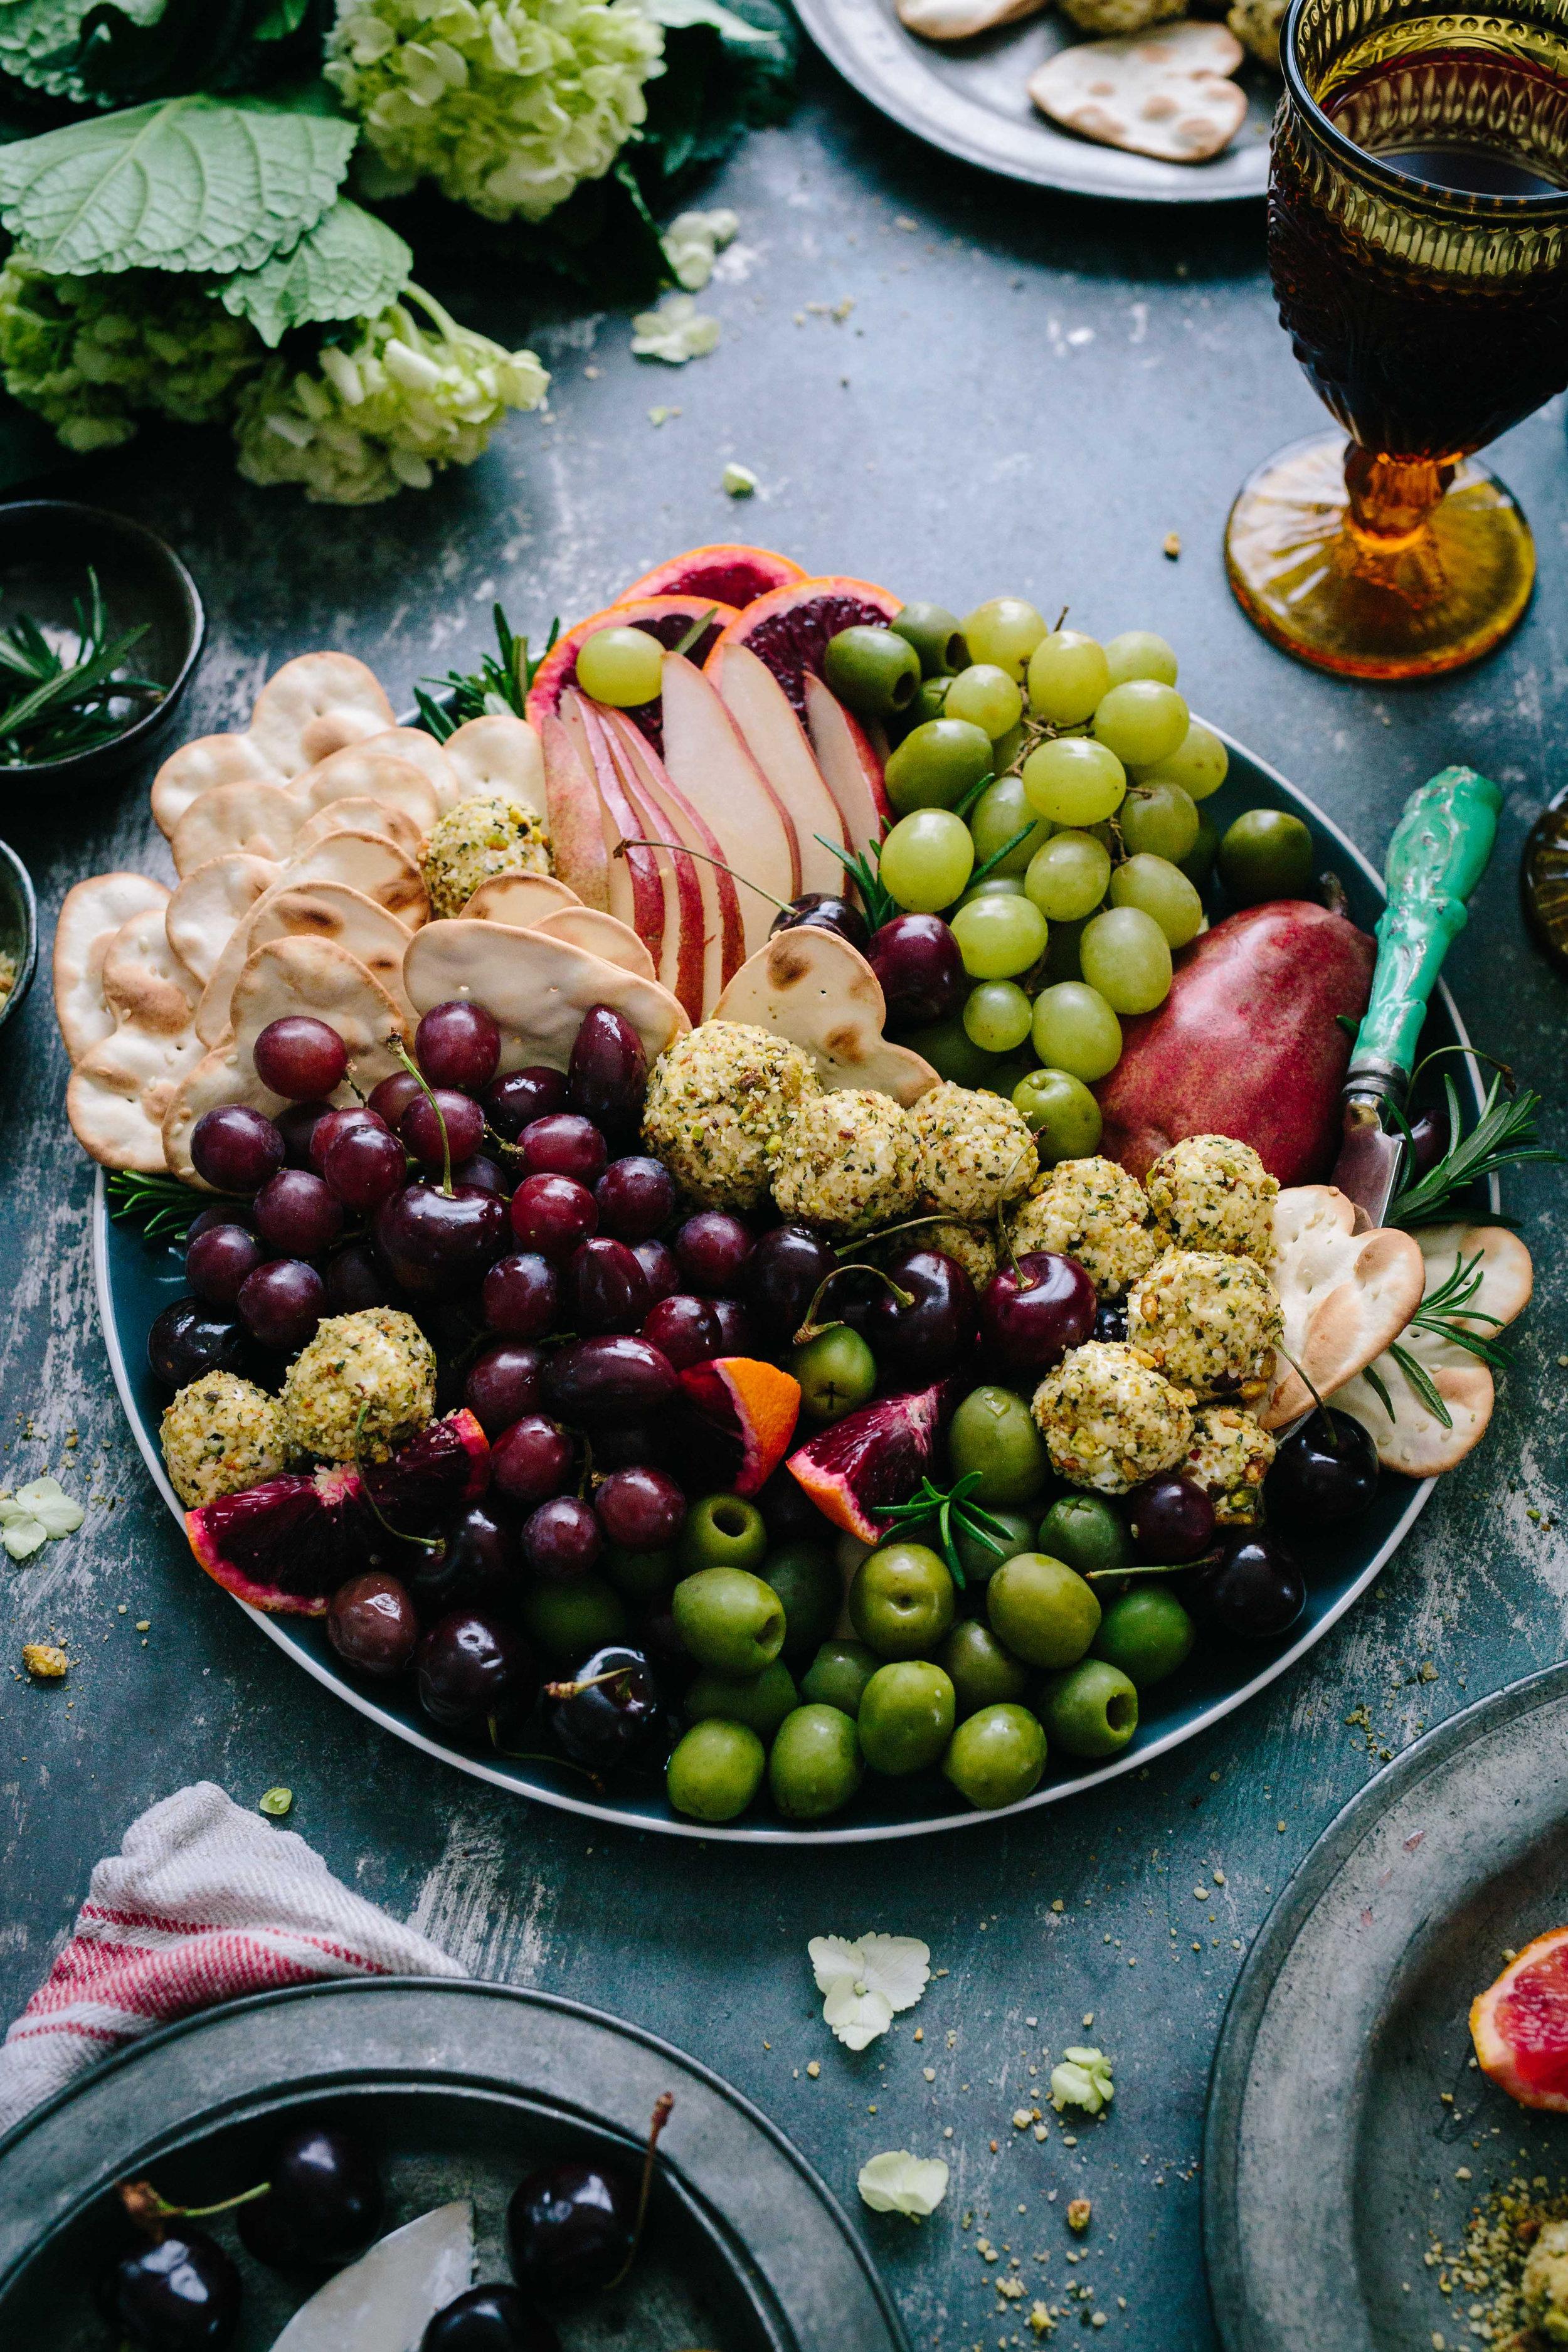 overflowing plate of food.jpg